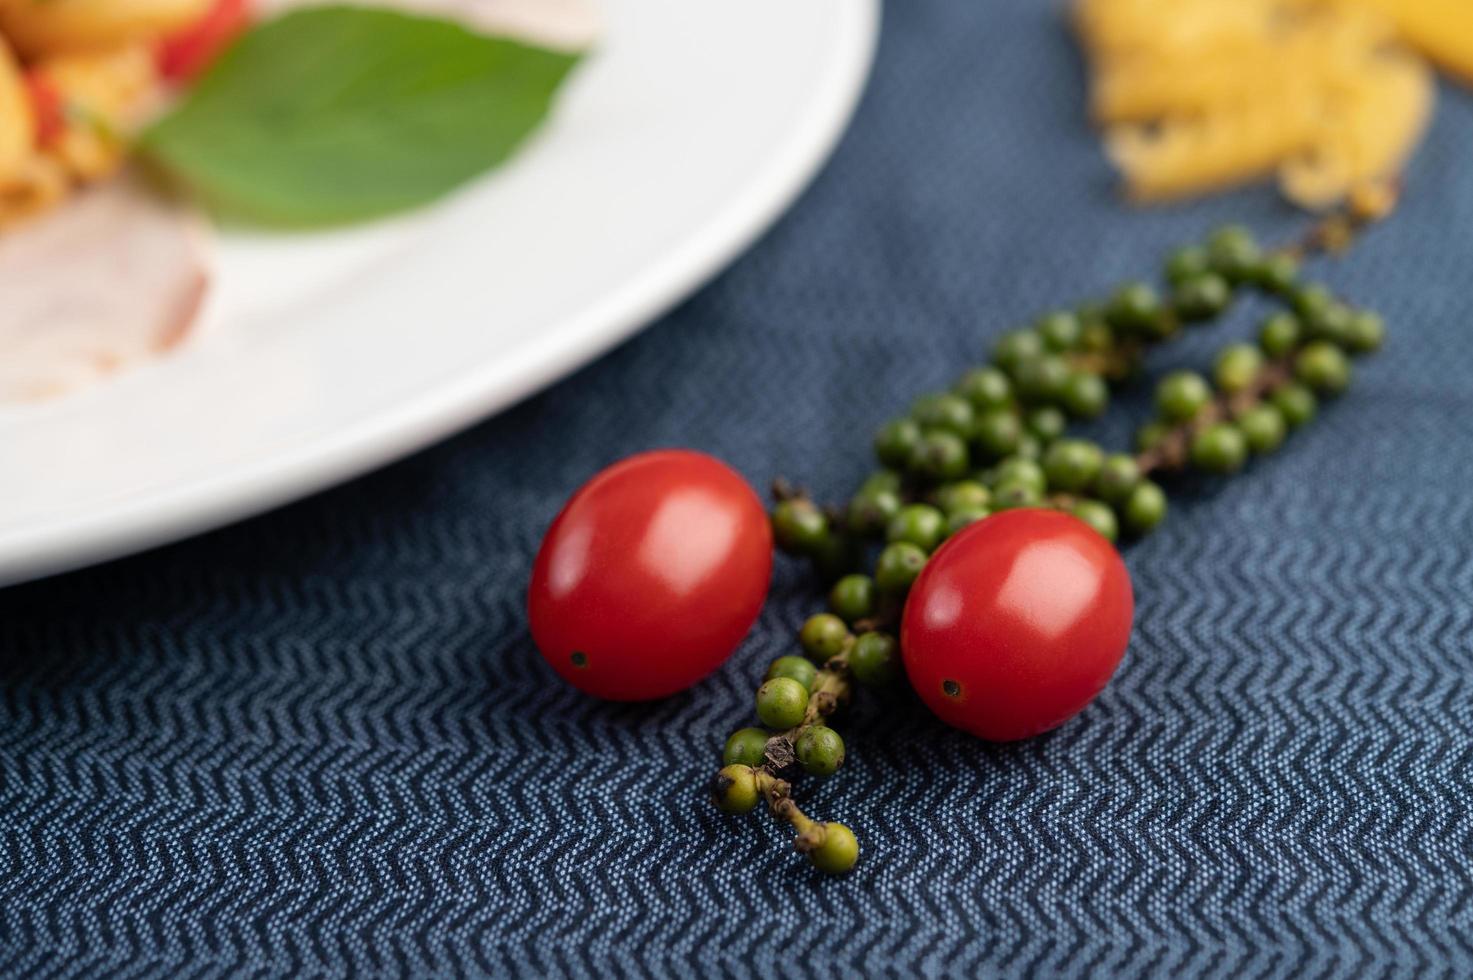 tomates et graines de poivre frais sur un tissu à motifs photo